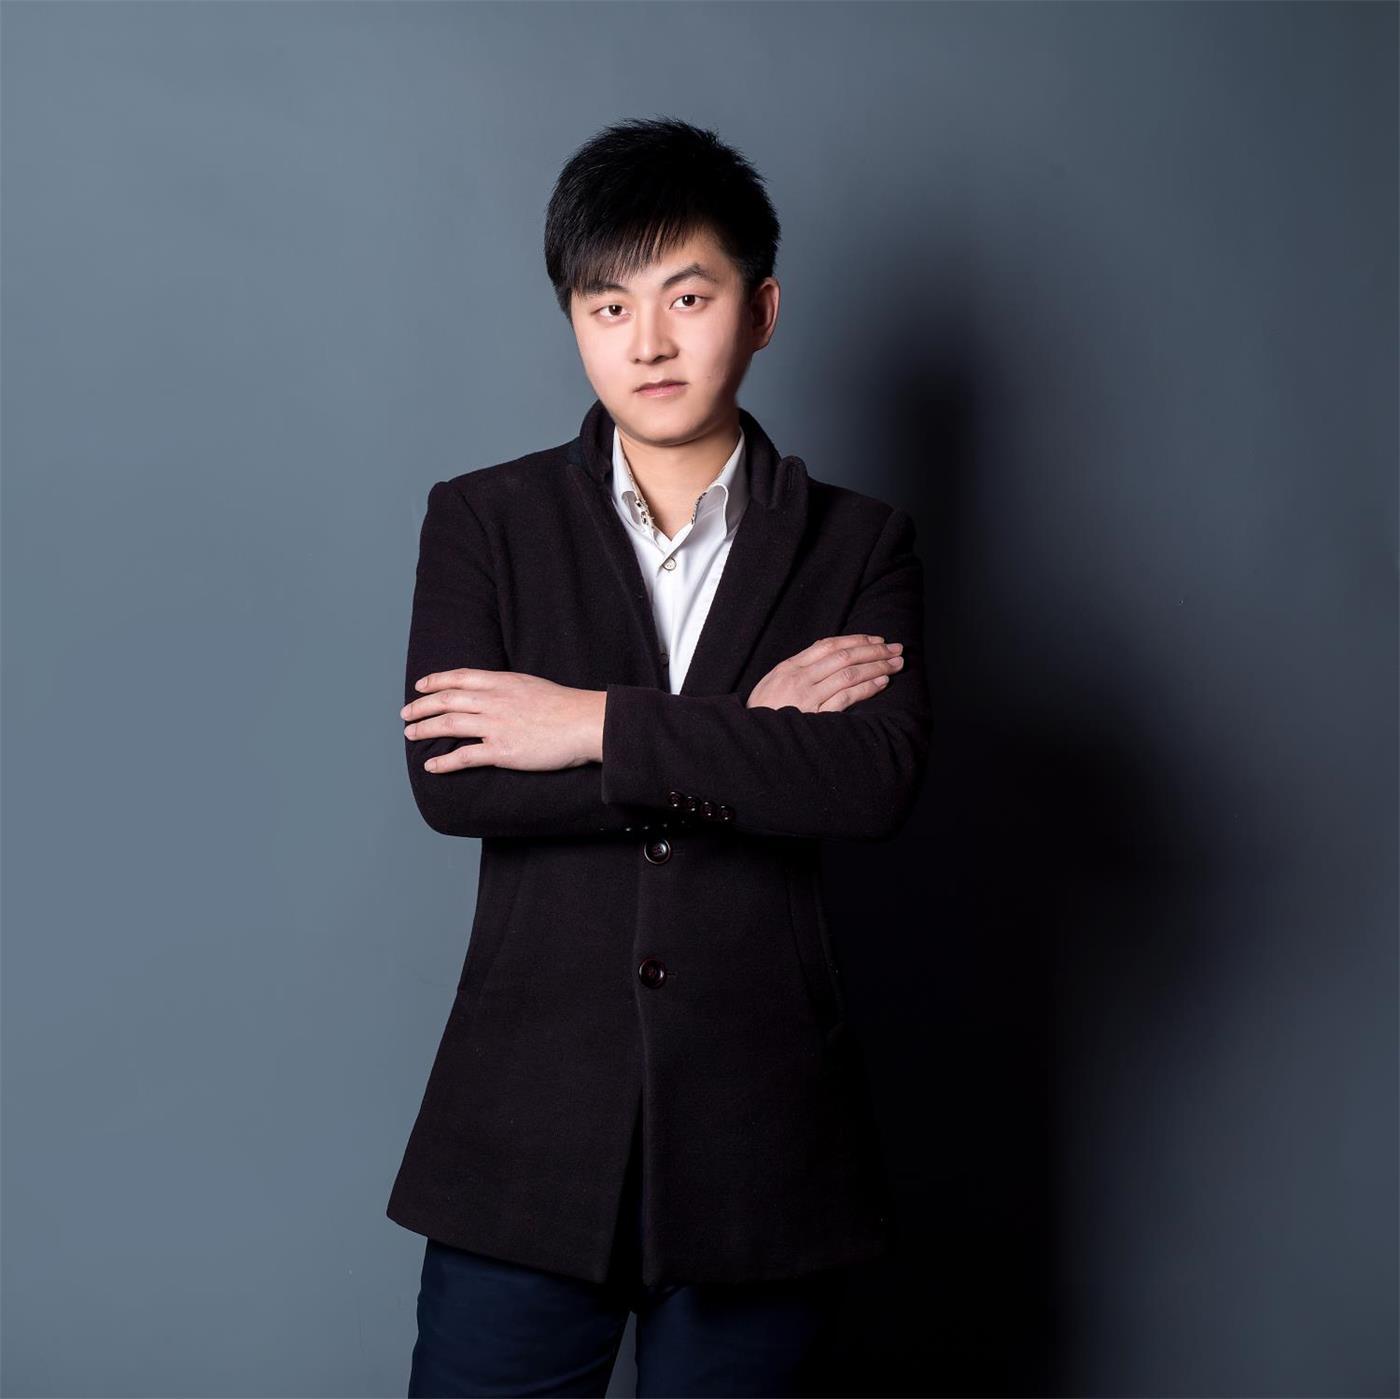 新万博manbetx下载万博maxbet官网下载设计师李齐